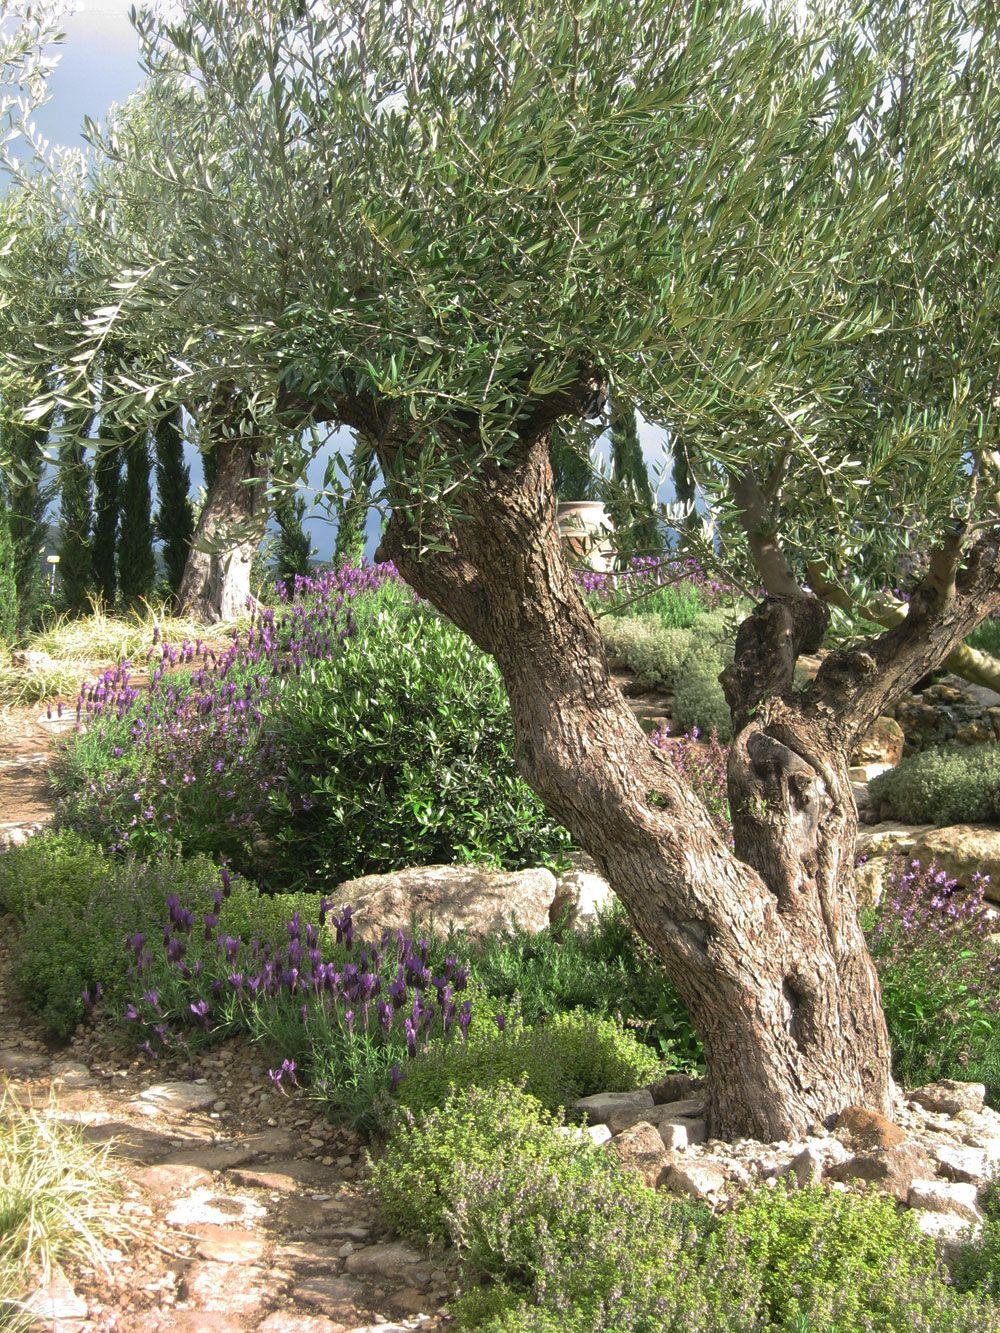 Mediterranean Olive Garden A Show Garden At The Rhs Spring Gardening Show Malvern